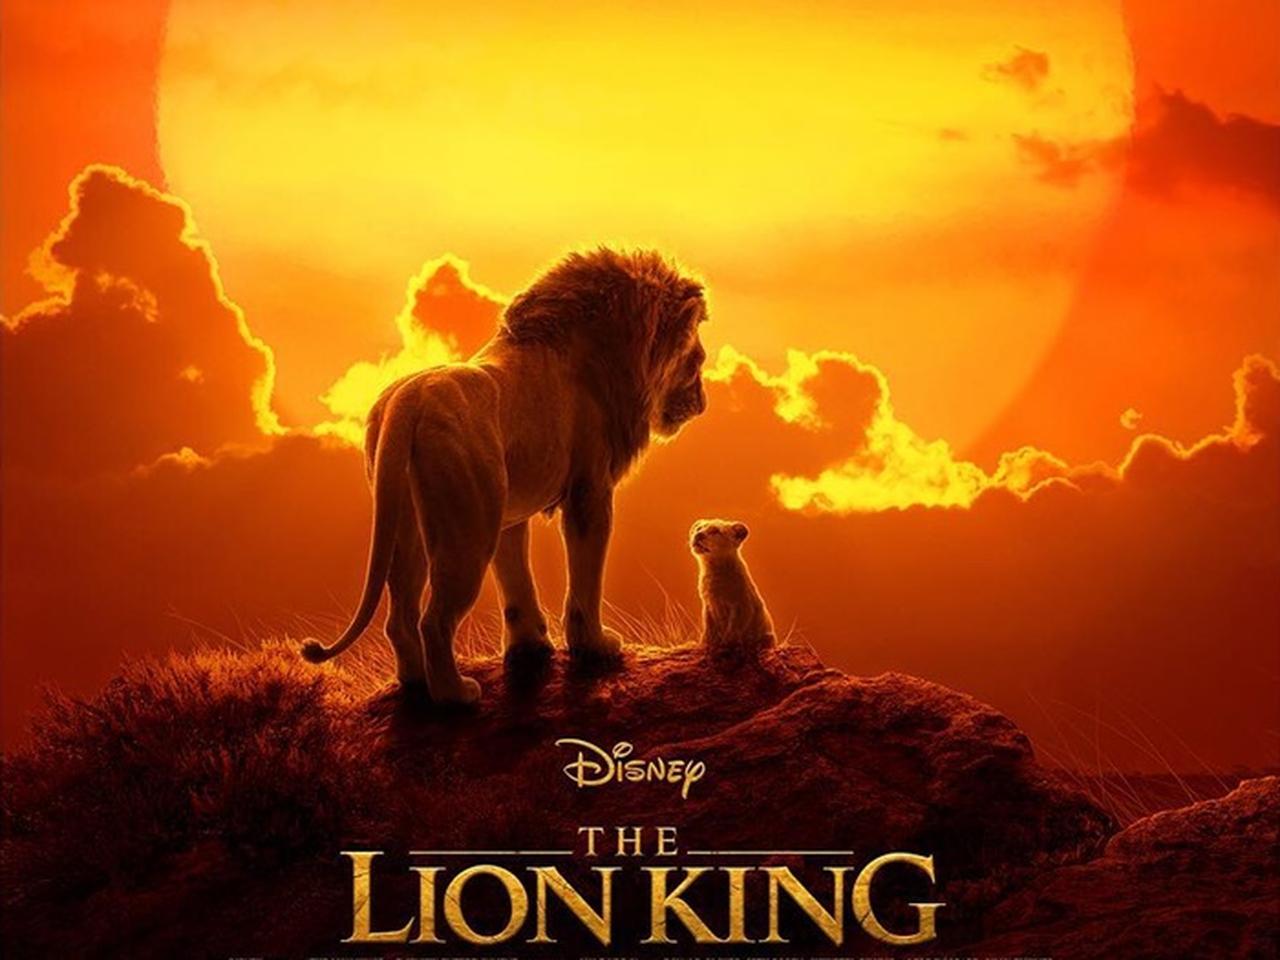 実写版『ライオン・キング』の新ポスターとTVスポットが公開